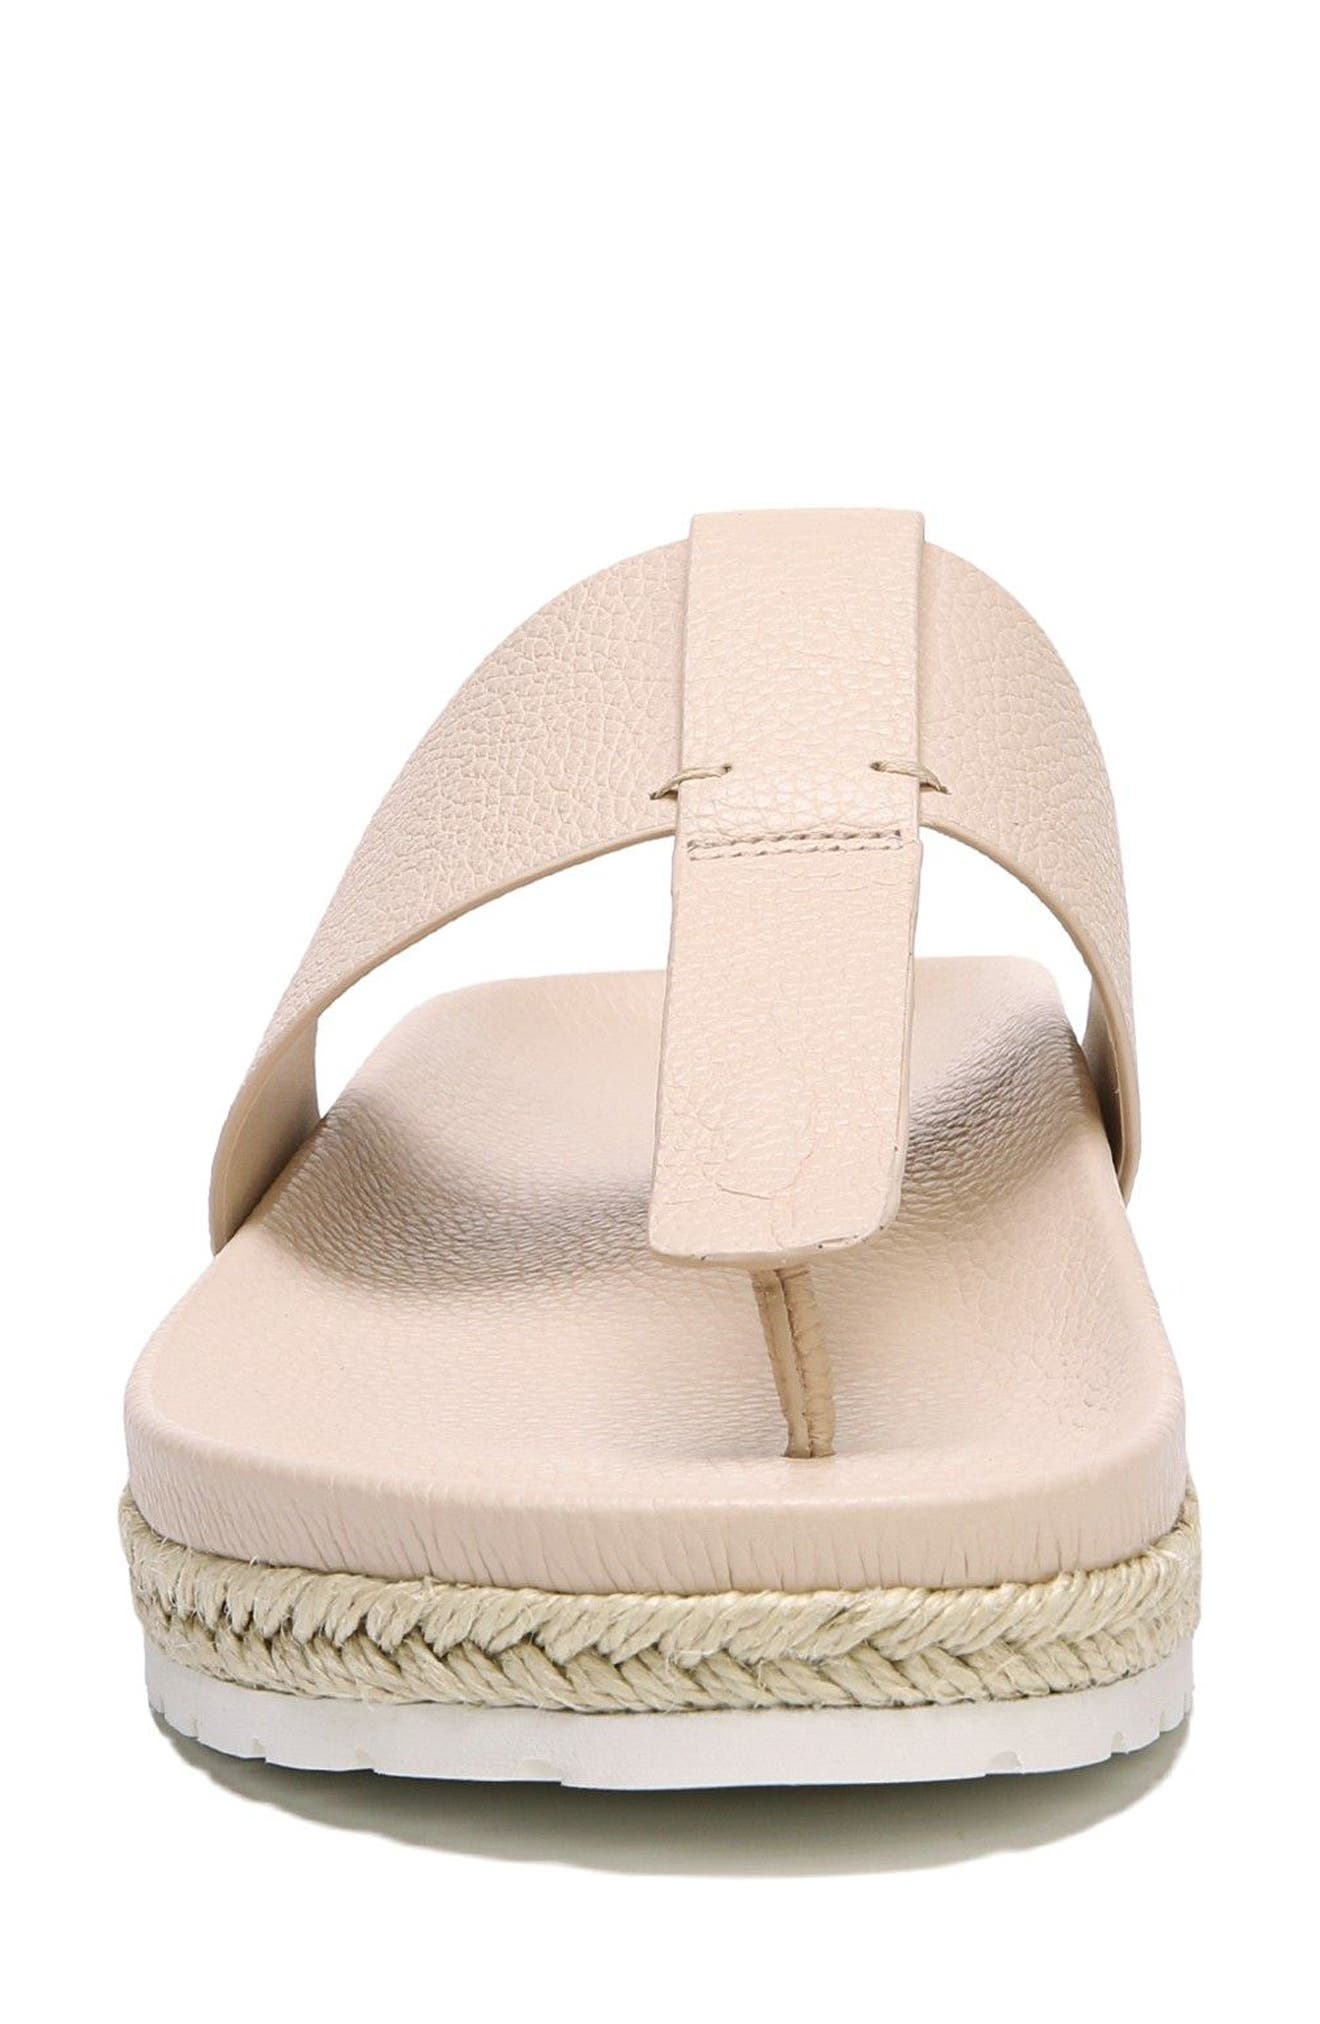 Avani T-Strap Flat Sandal,                             Alternate thumbnail 16, color,